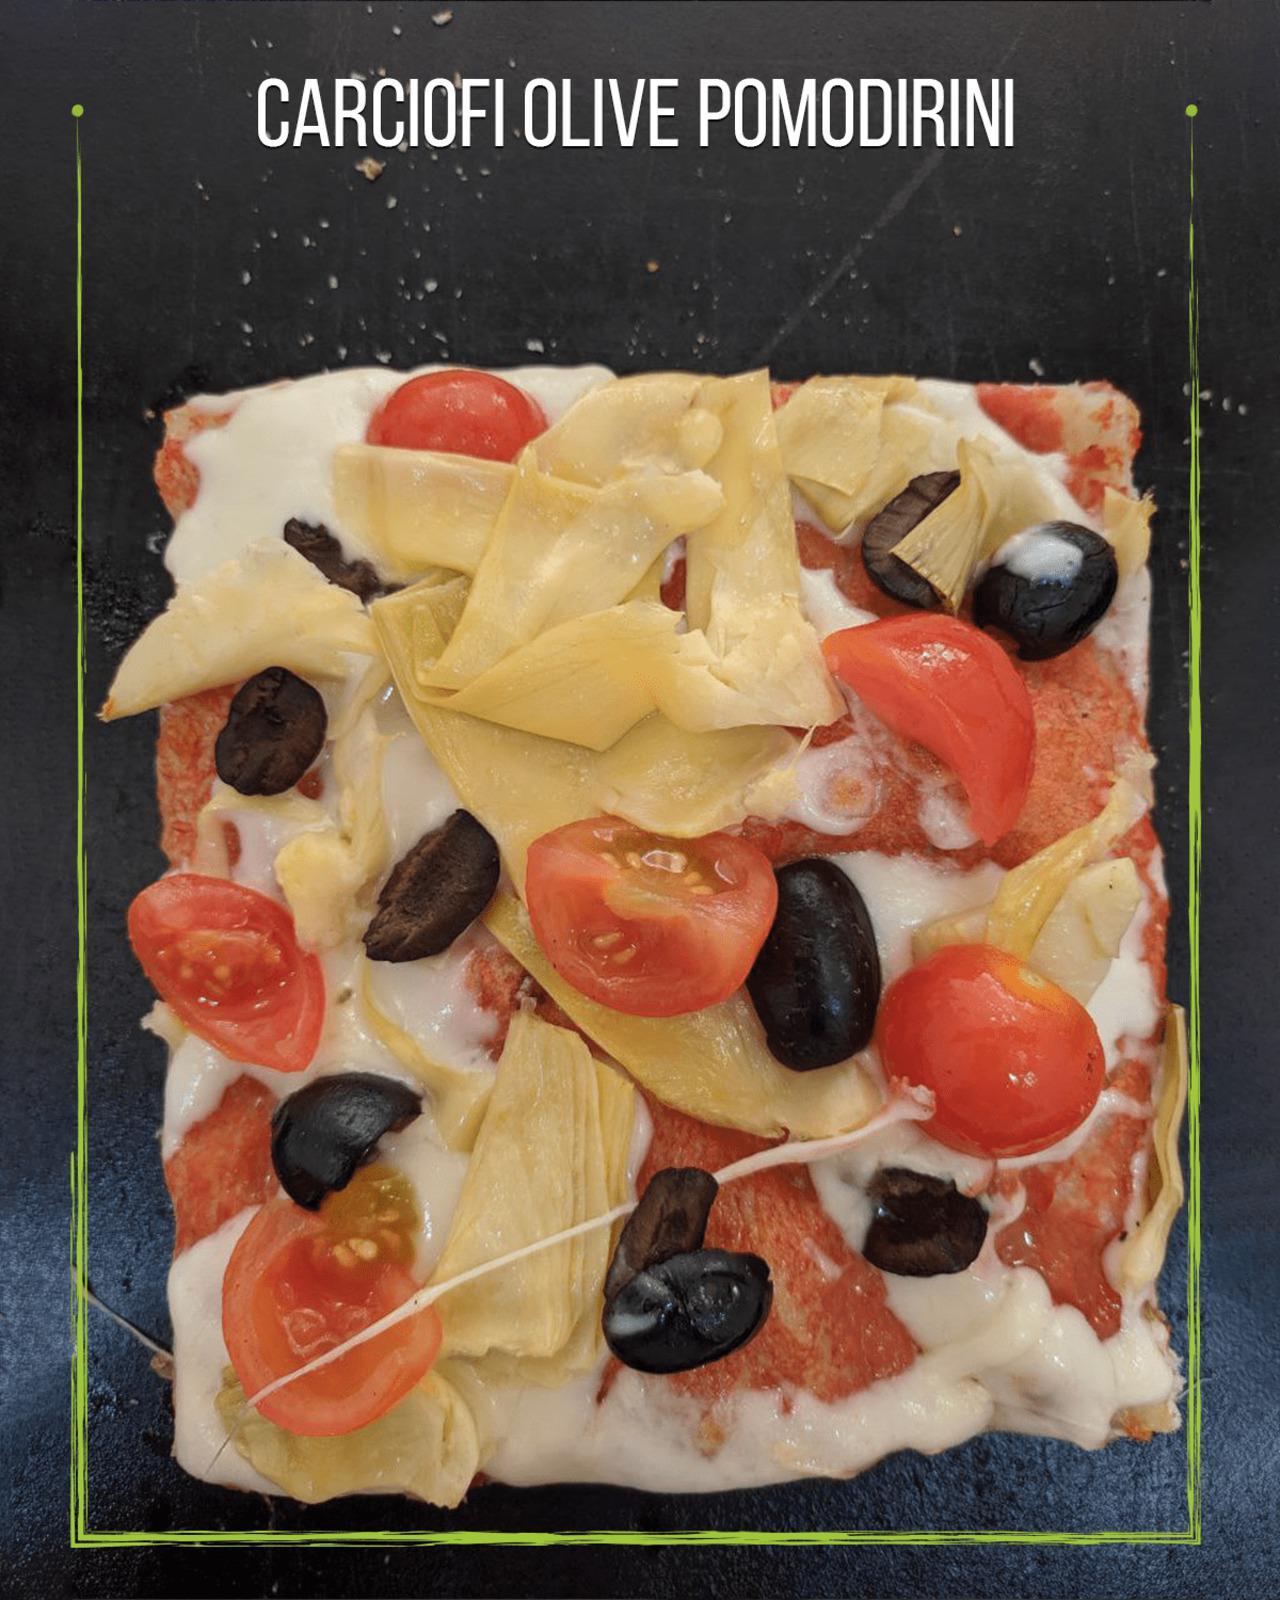 Carciofi olive pomodirini